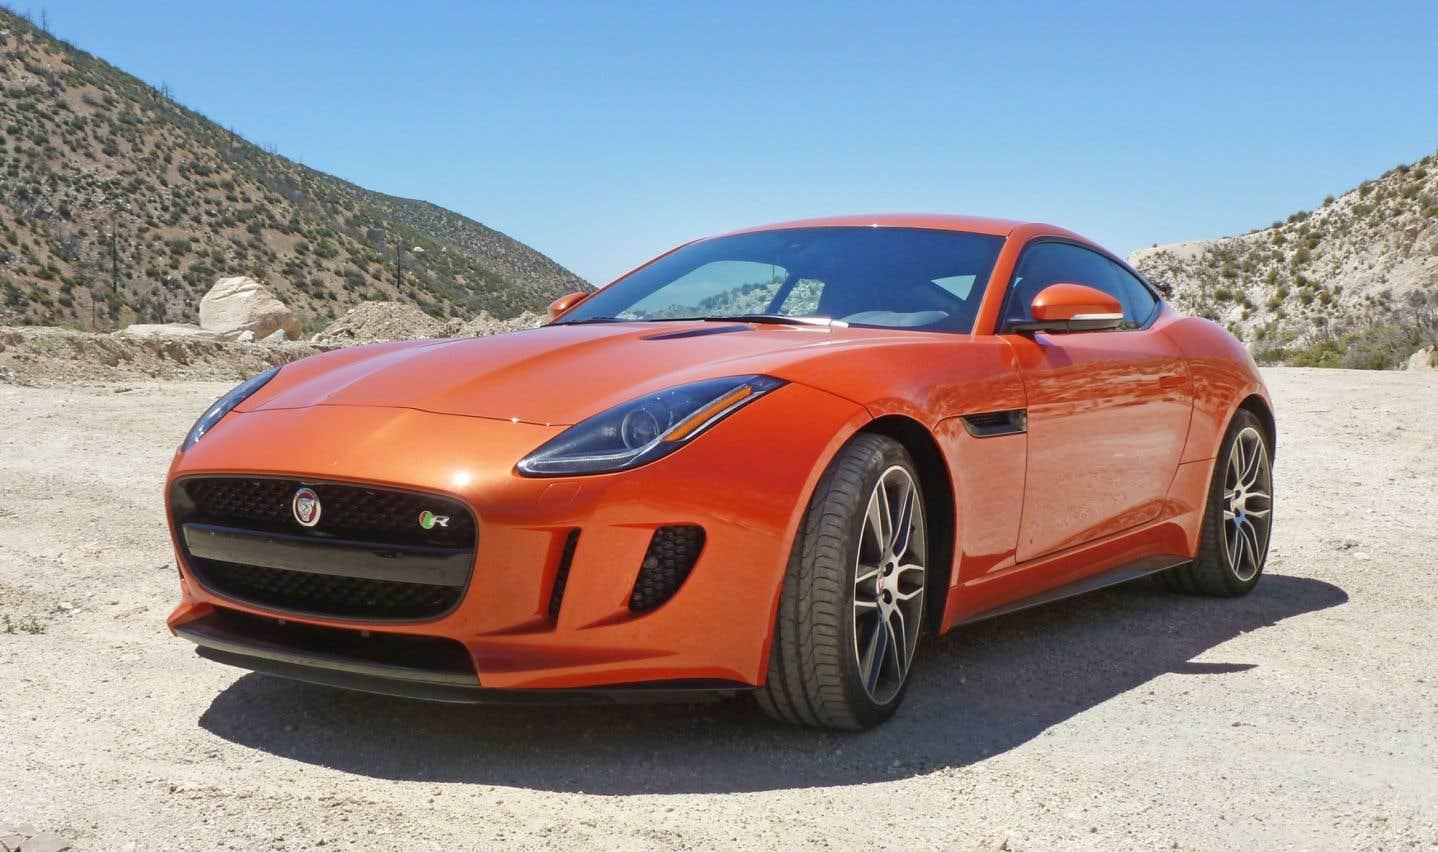 Le lancement, l'année dernière, de la F-Type a contribué à galvaniser les ventes de la marque Jaguar. La nouvelle venue est la première véritable sportive de Jaguar depuis la légendaire XK-E (ou Type E) des années 60.